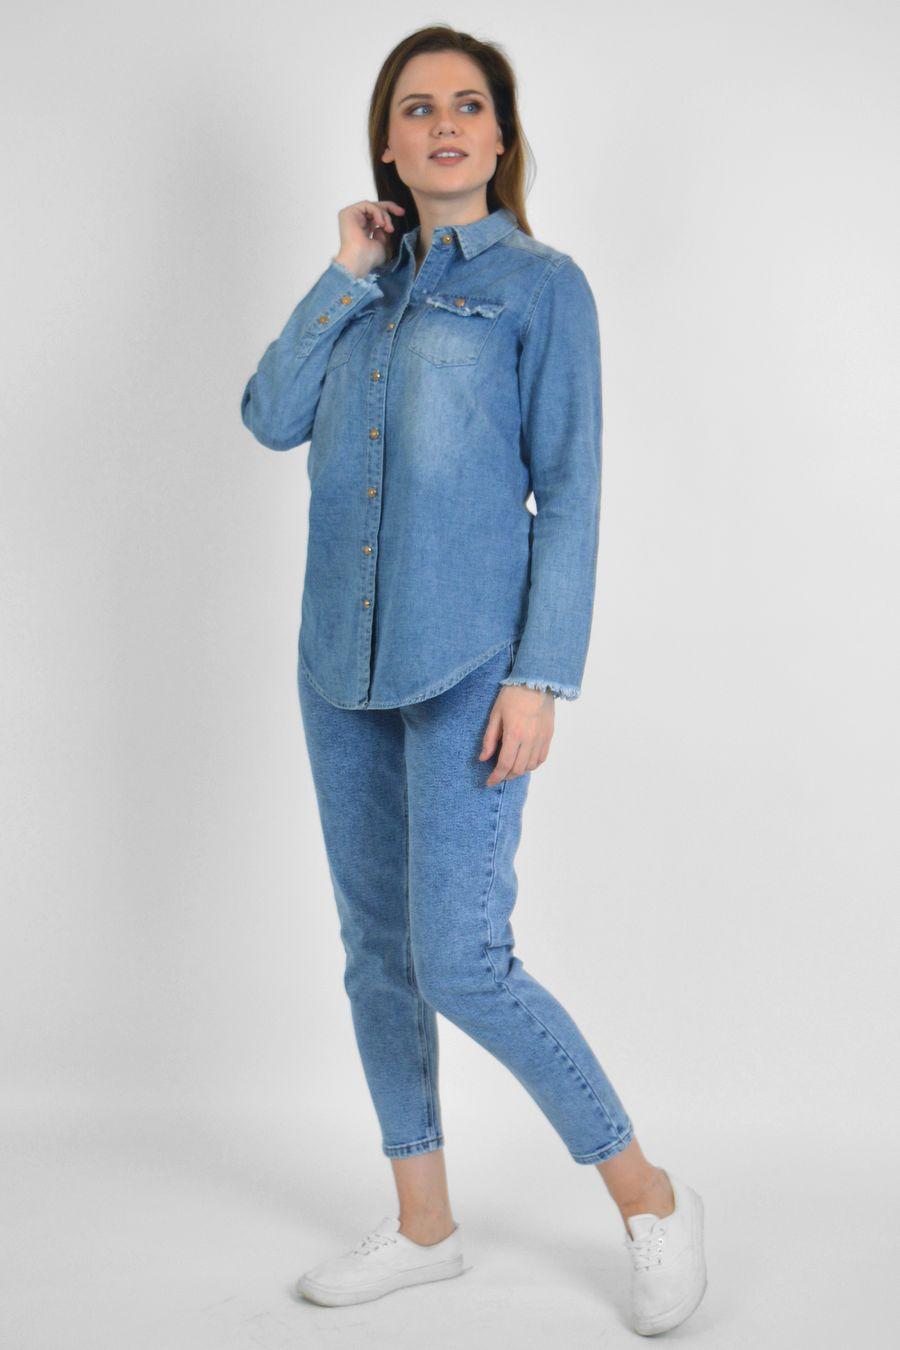 Рубашка женская Baccino 9662 джинсовая - фото 1